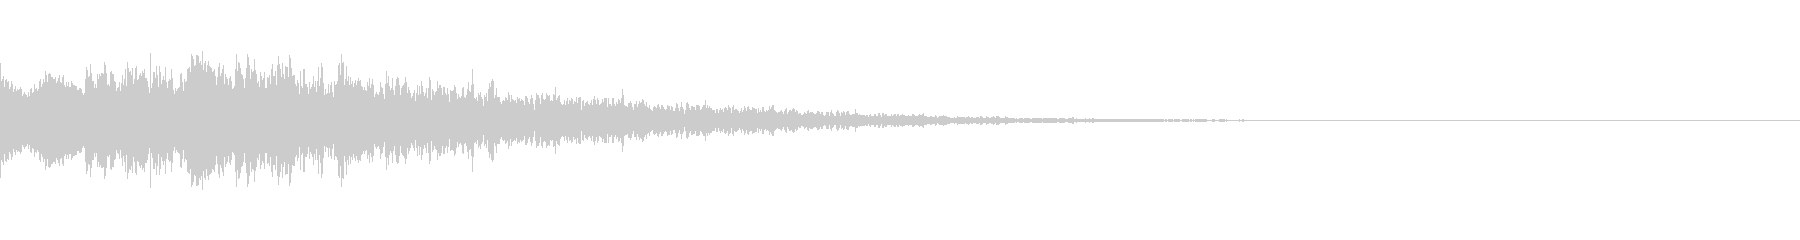 キューン:サイレンの様な音・場面転換cの未再生の波形